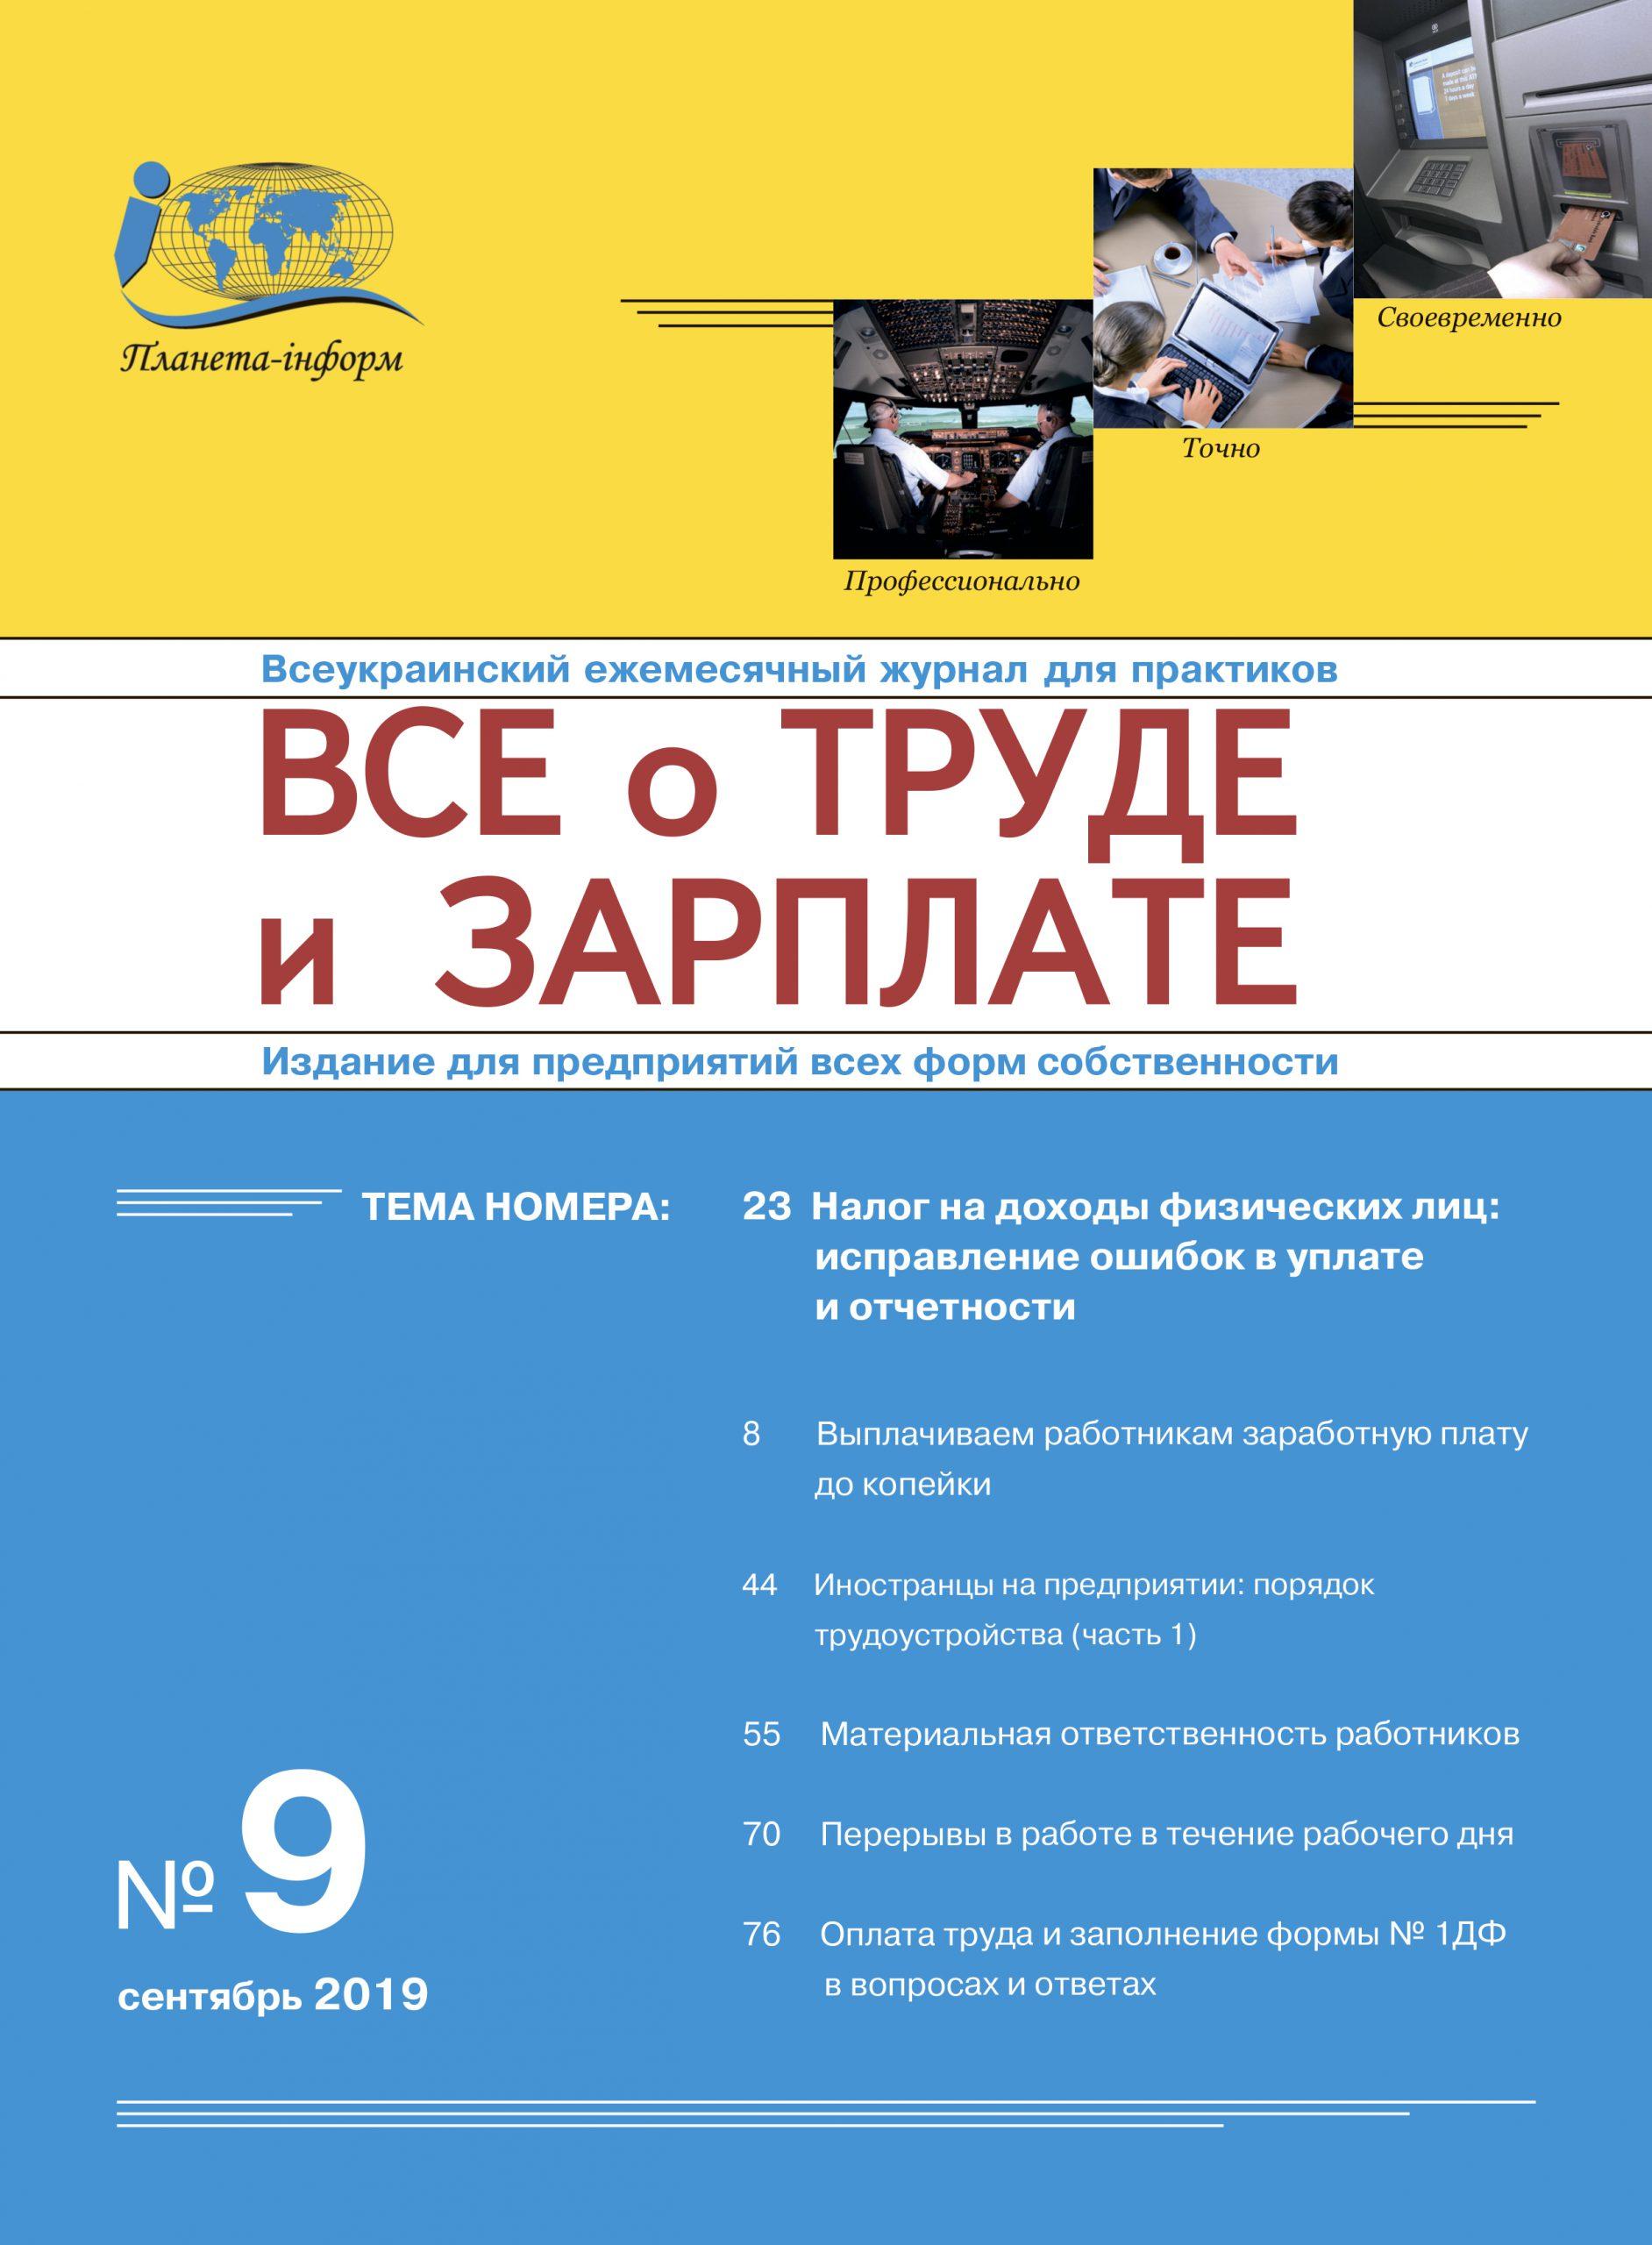 Журнал Все о труде и зарплате № 9/2019